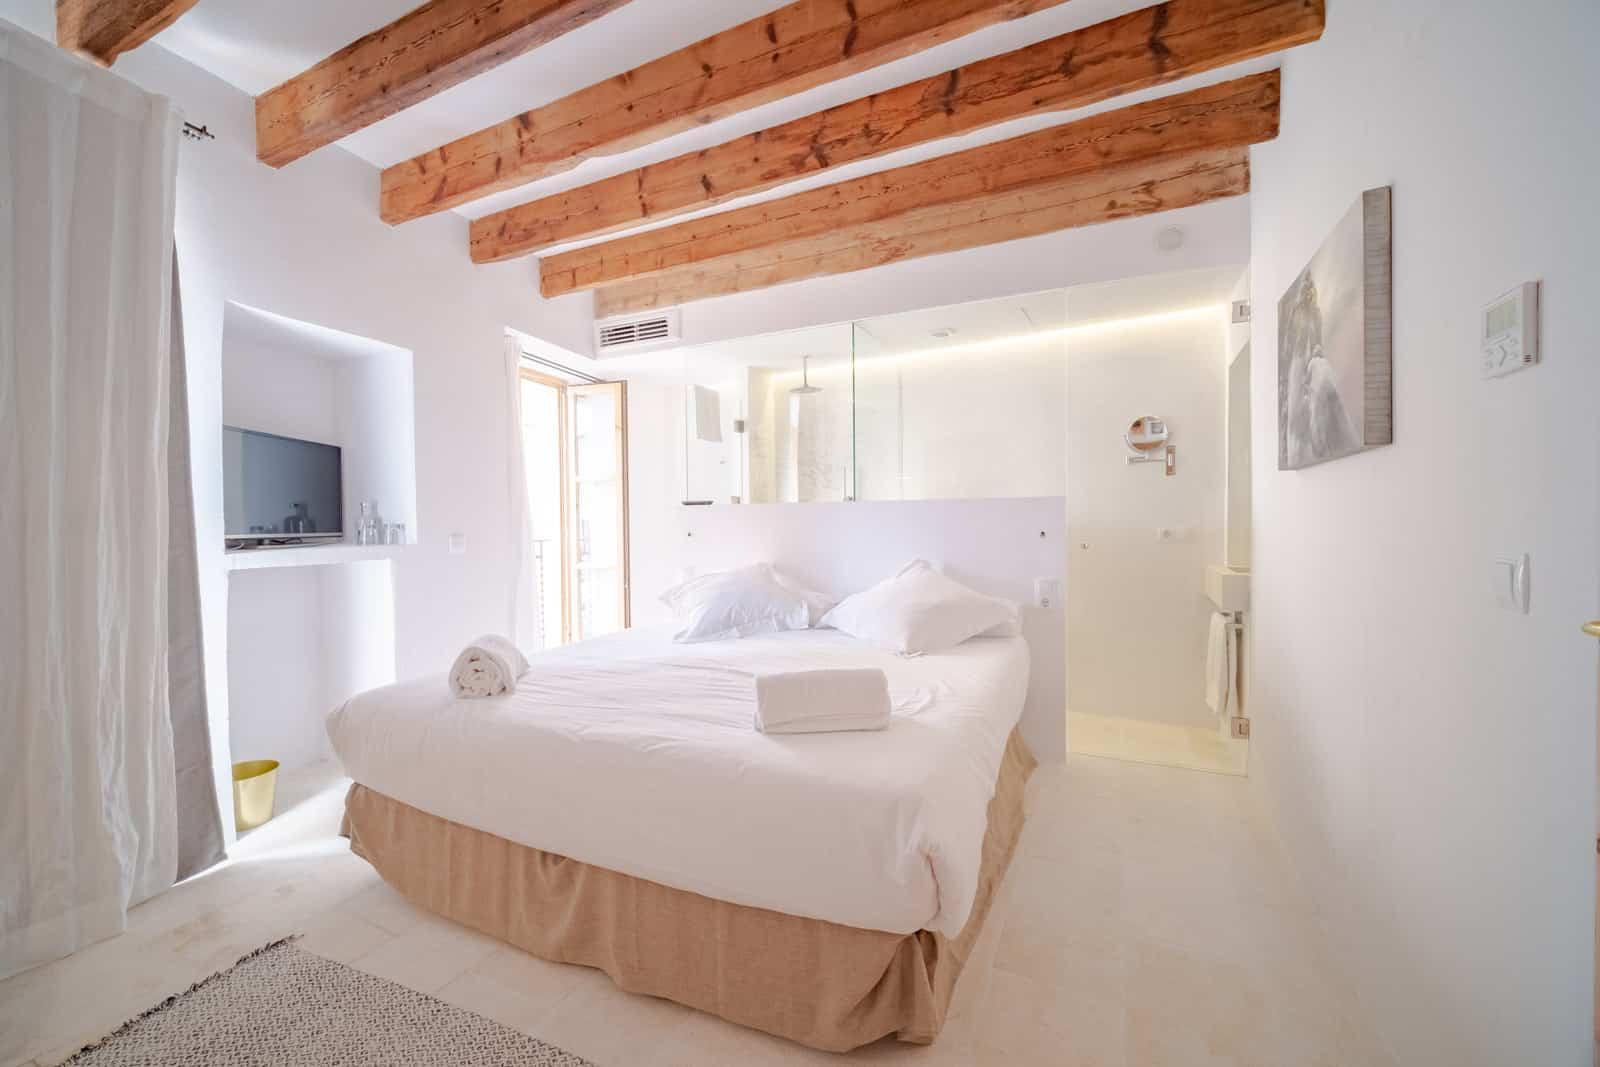 Habitación estilo mediterraneo blanca